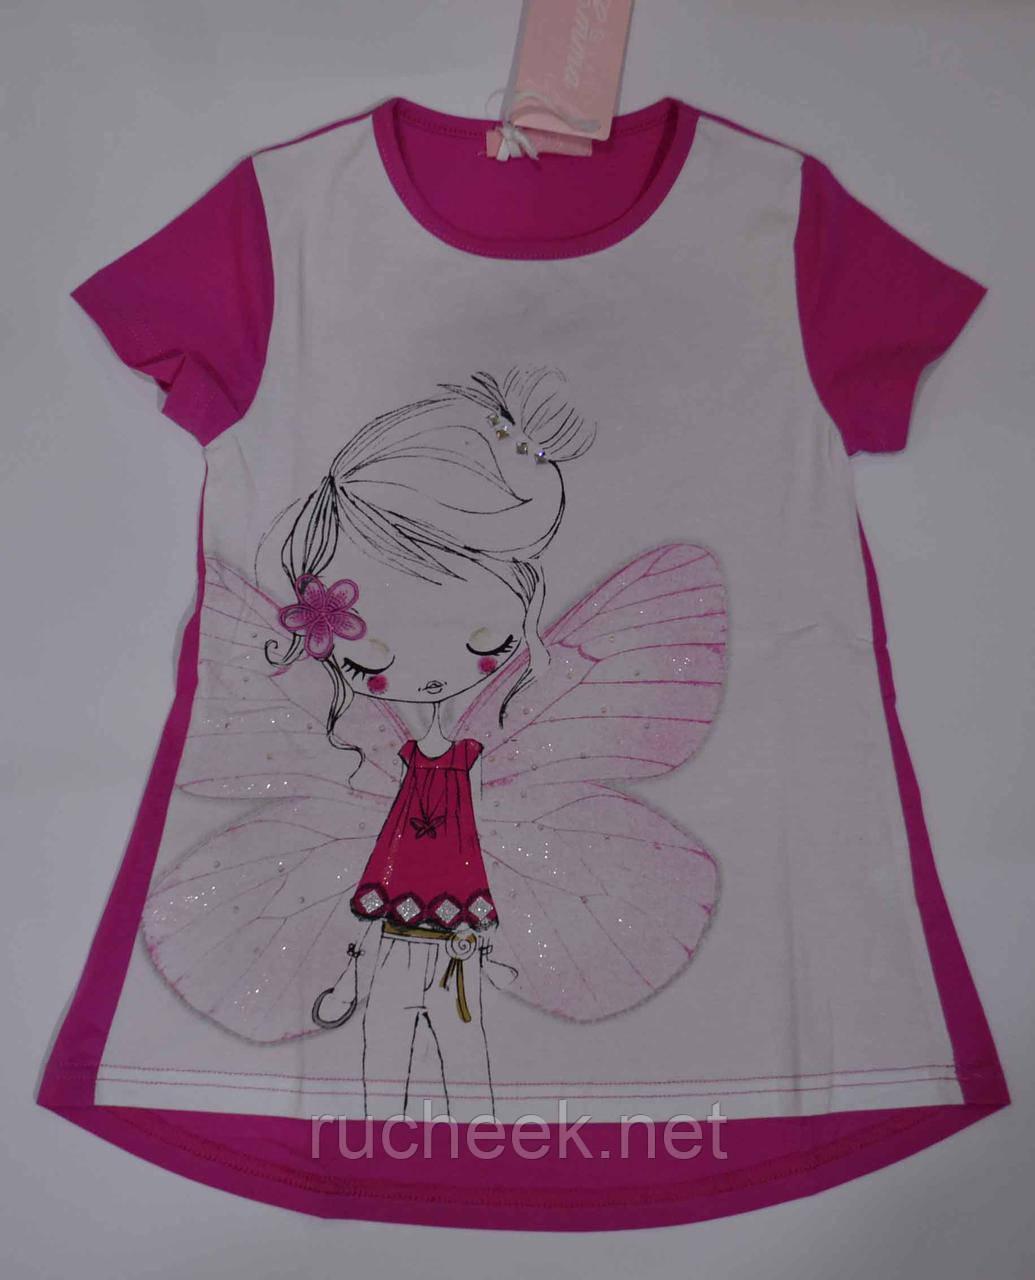 Детска футболка для девочки принт бабочка рост 110 -116,  Венгрия Emma girl